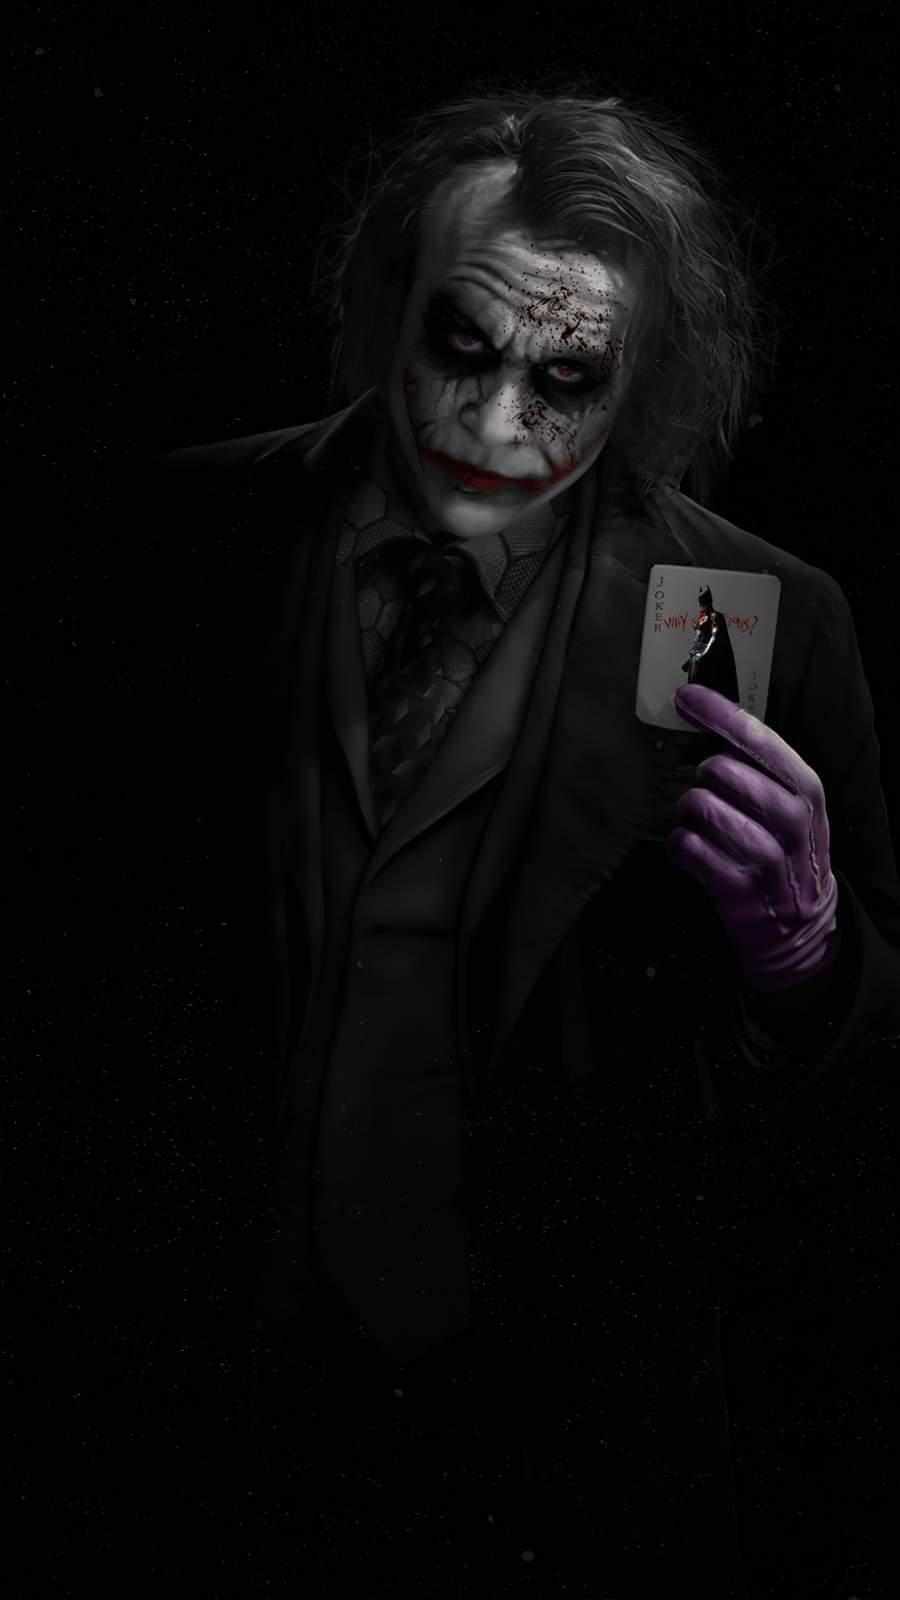 Joker Heath Ledger with Card